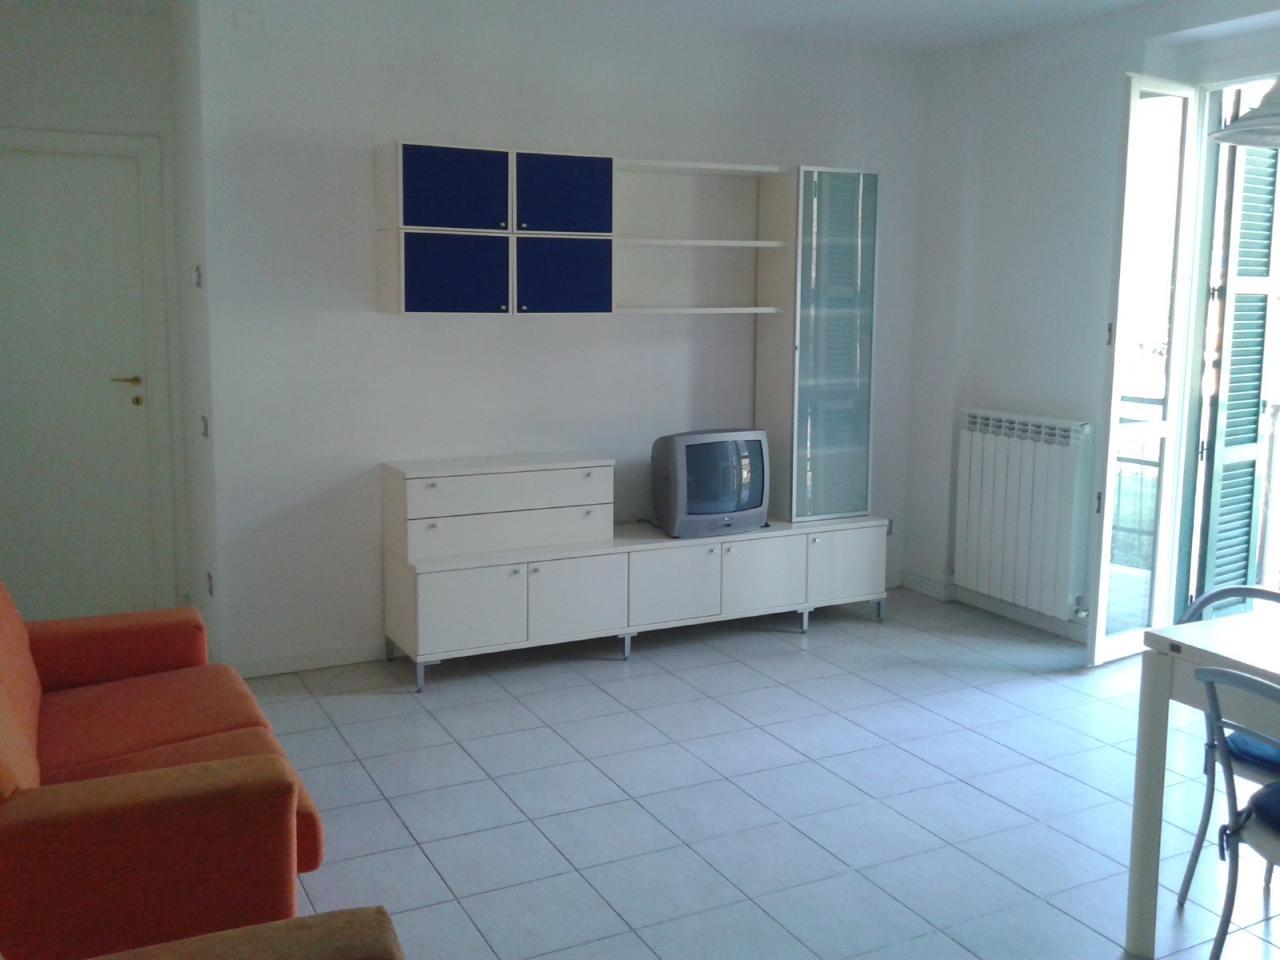 Appartamento in affitto a Fabriano, 3 locali, zona Località: FRAZALBACINA, prezzo € 350 | CambioCasa.it